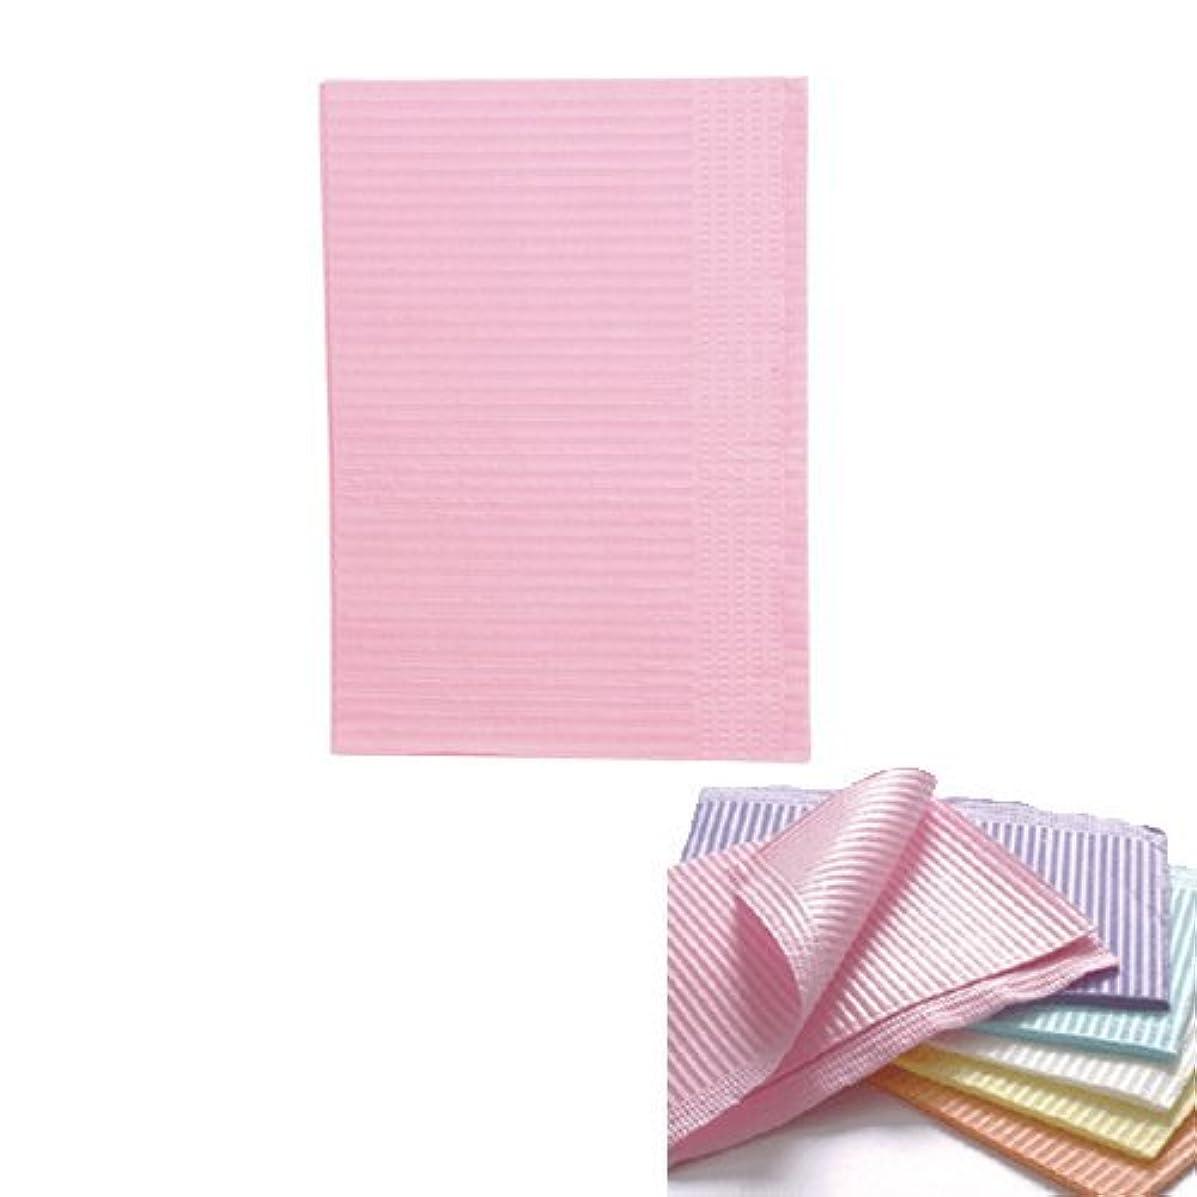 同僚入札うっかりネイル 防水ペーパー/裏面防水ネイルシート 50枚 ピンク